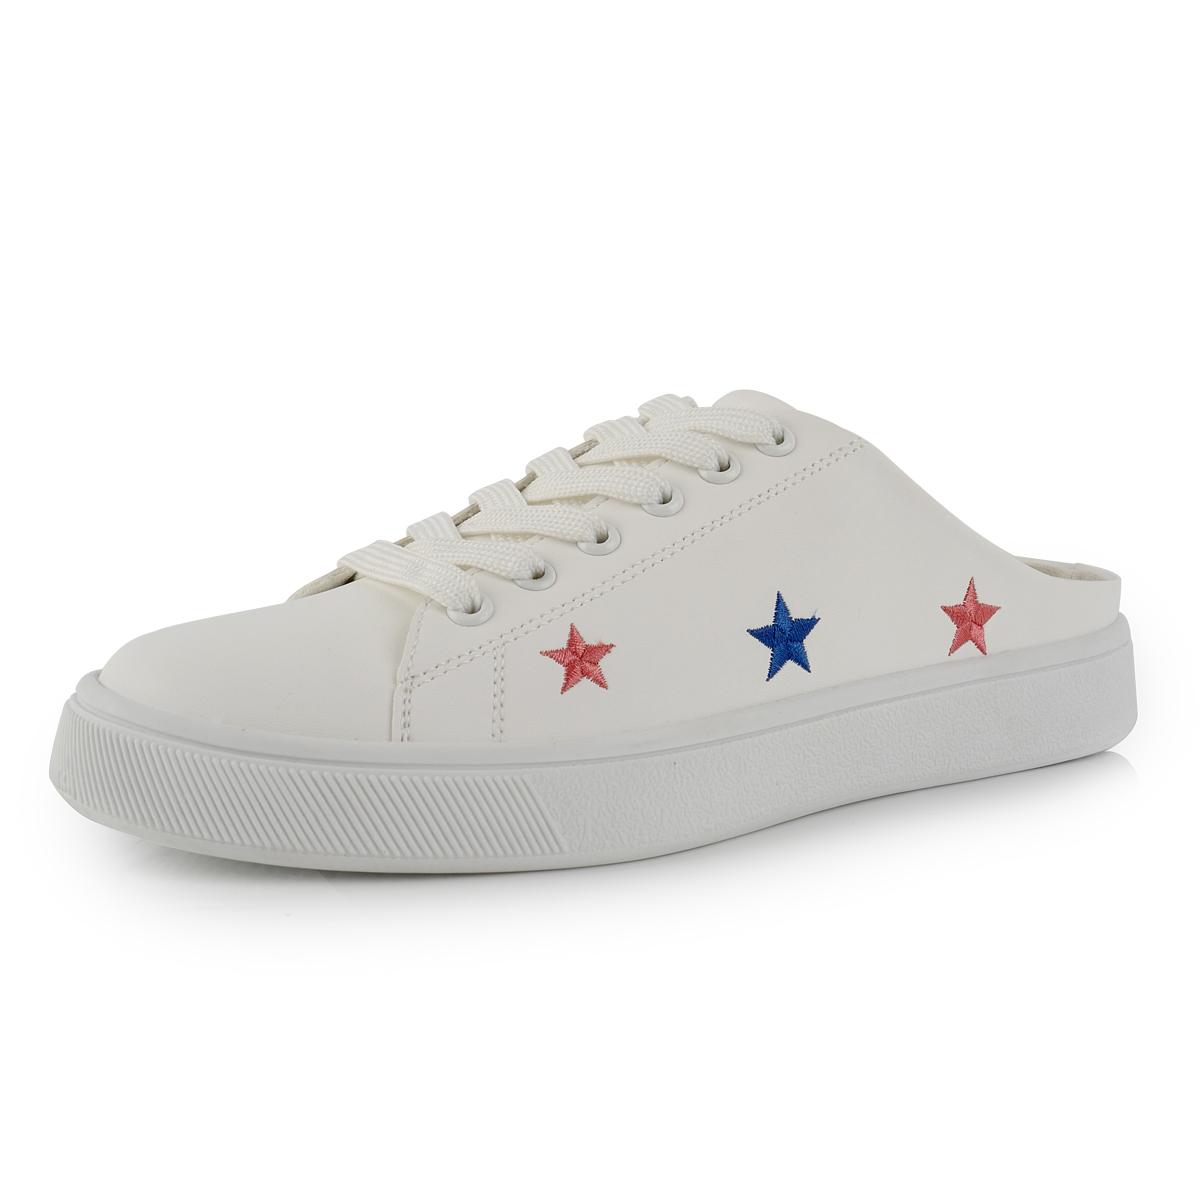 508782a53dbd7 البحث عن أفضل شركات تصنيع احذية ستارز واحذية ستارز لأسواق متحدثي arabic في  alibaba.com